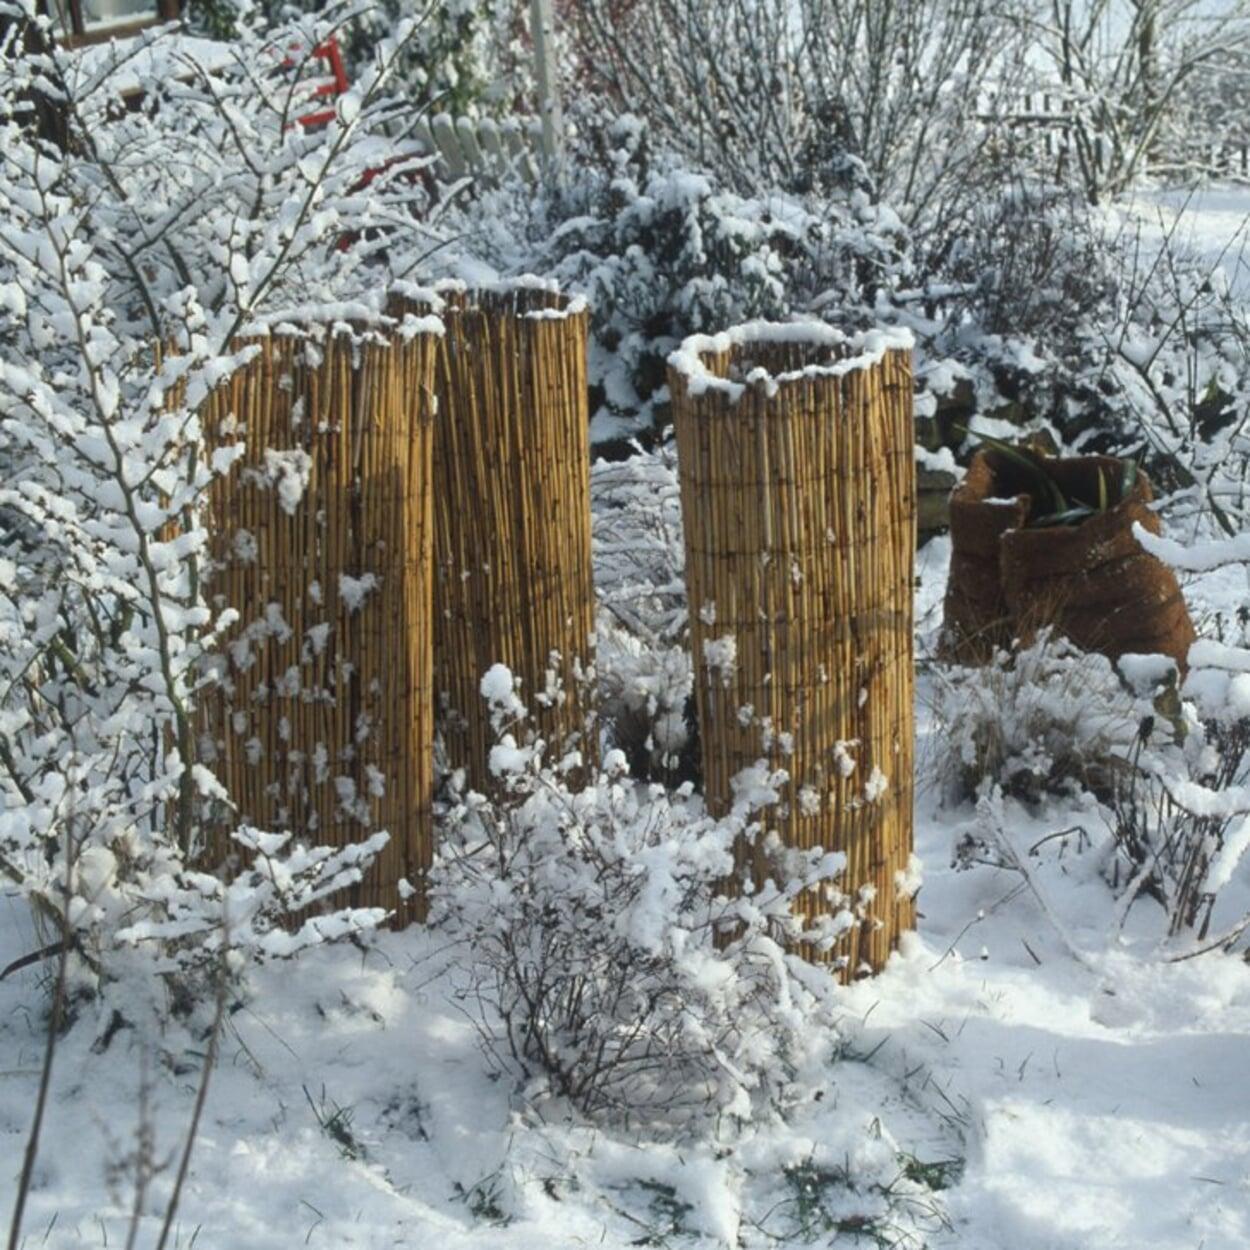 Schnee von bepflanzten Töpfen und Kübeln schieben